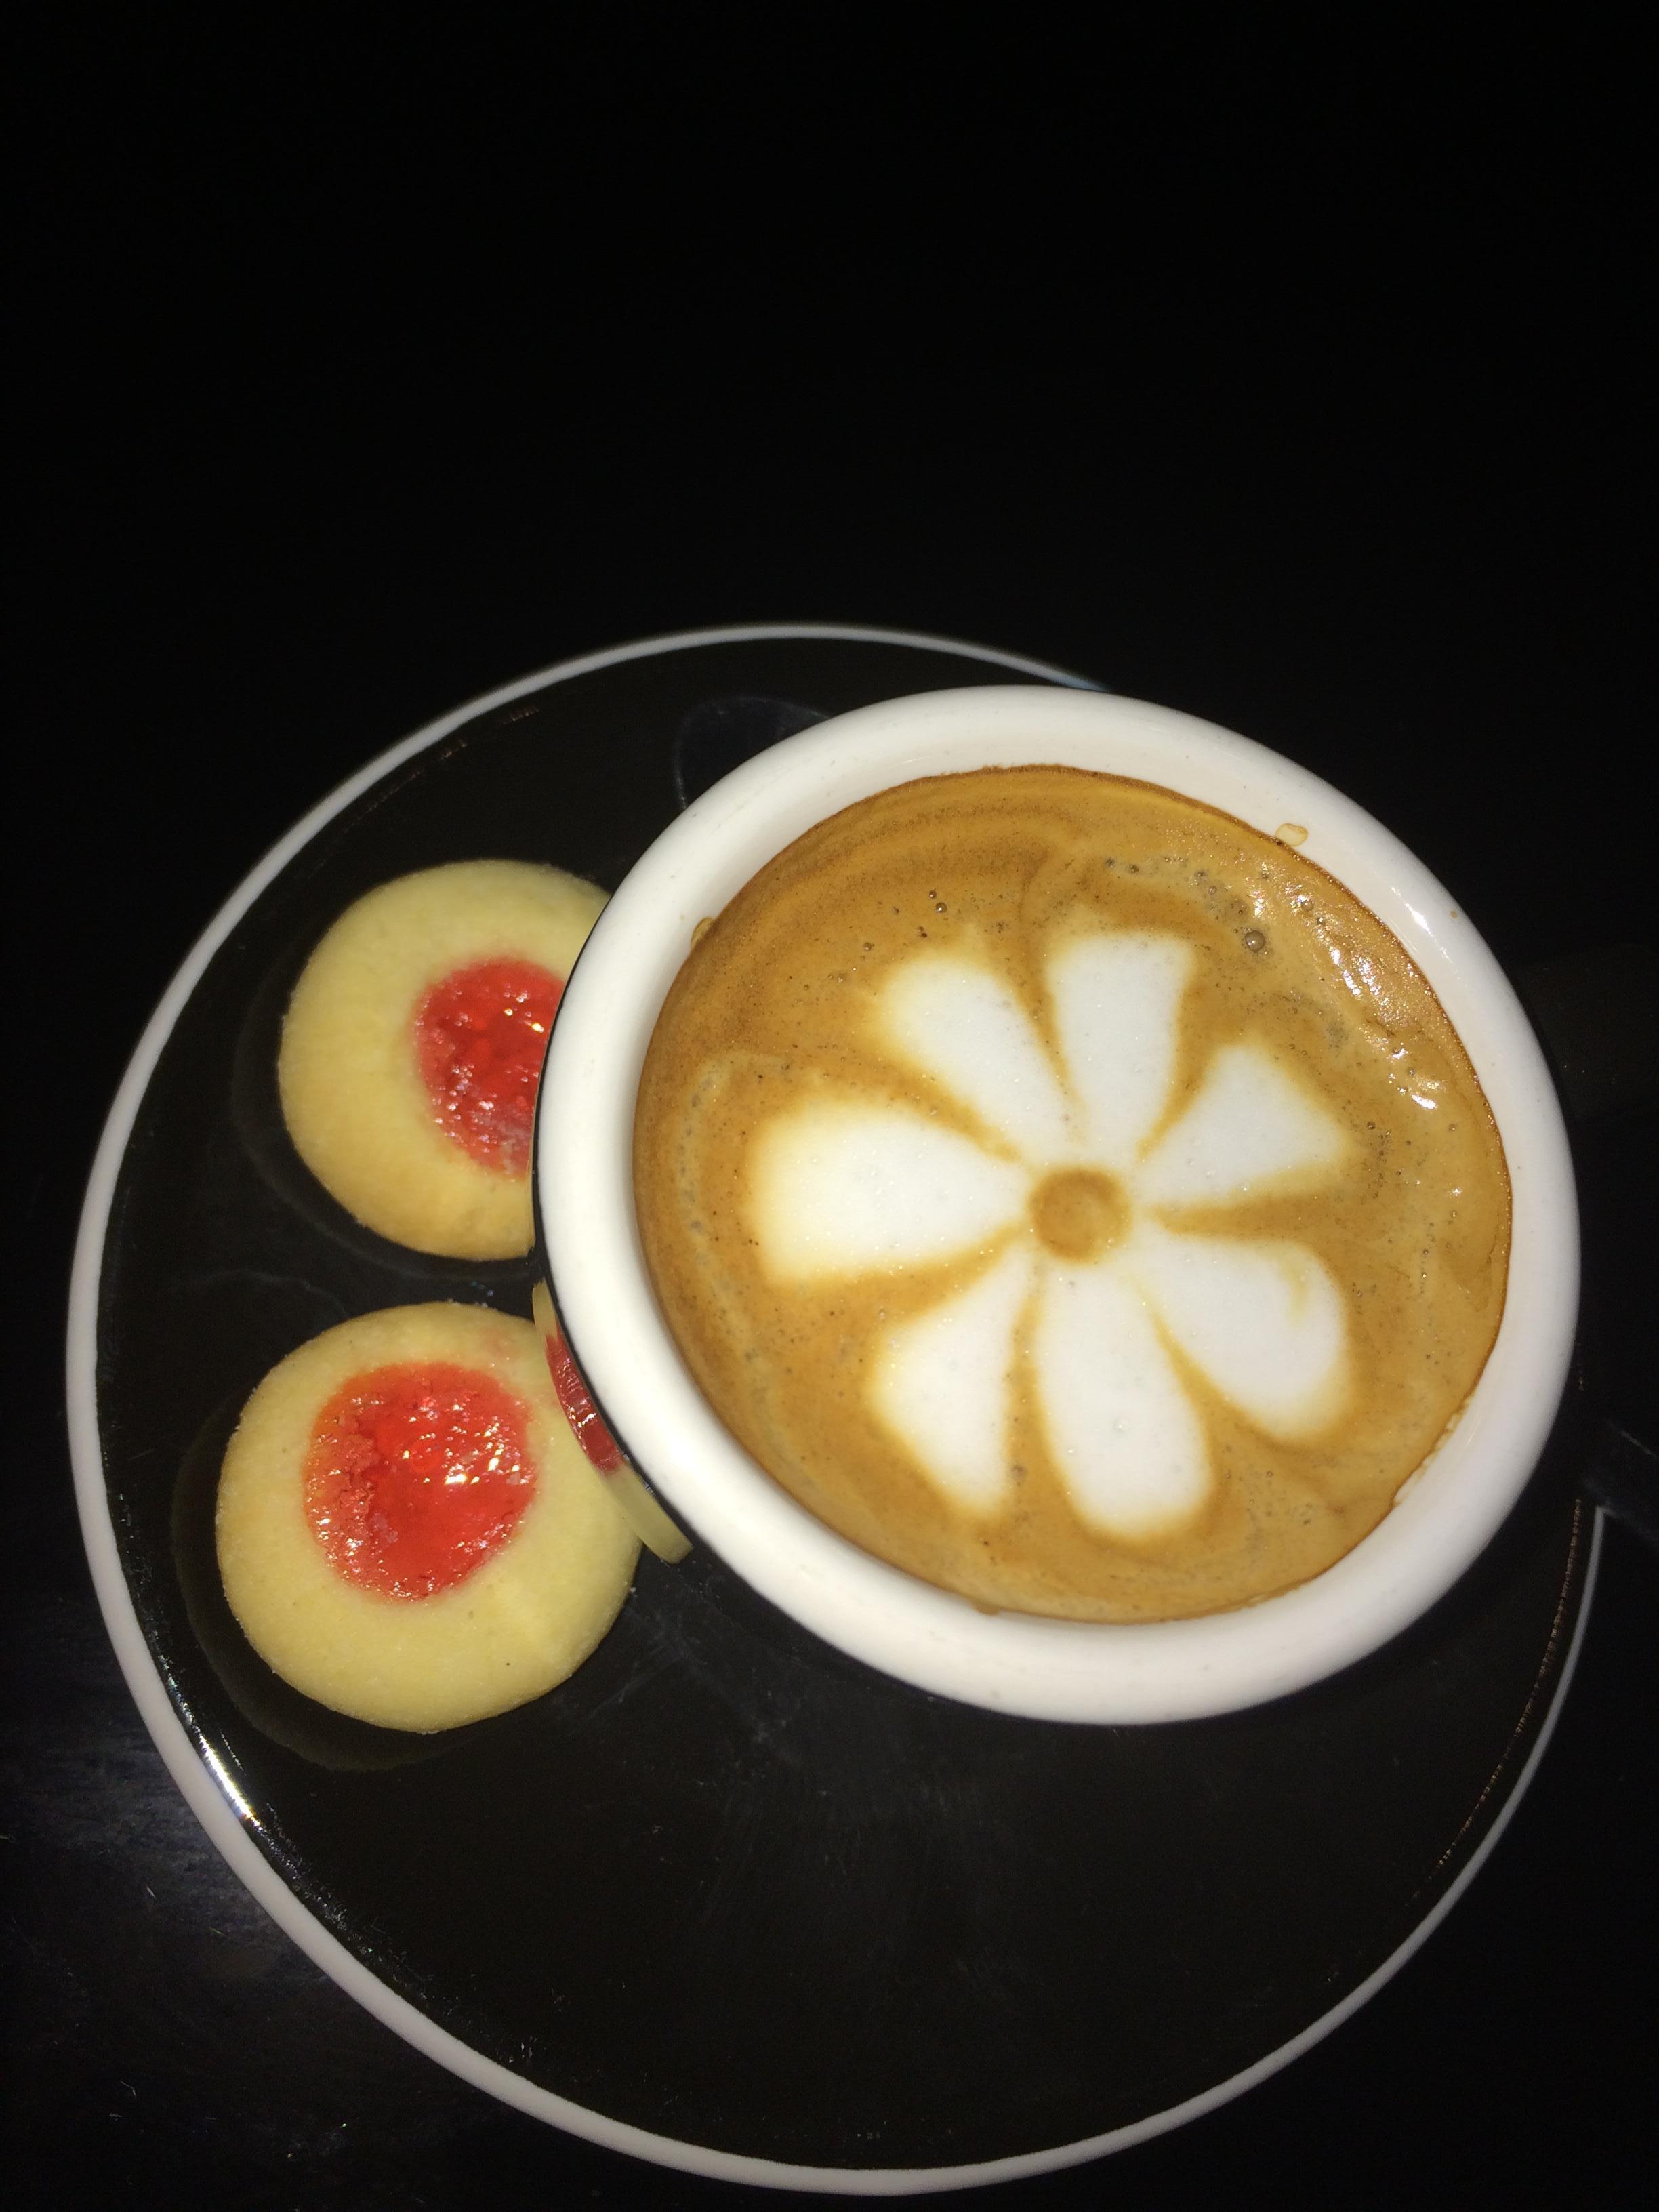 Guter Kaffee 😉